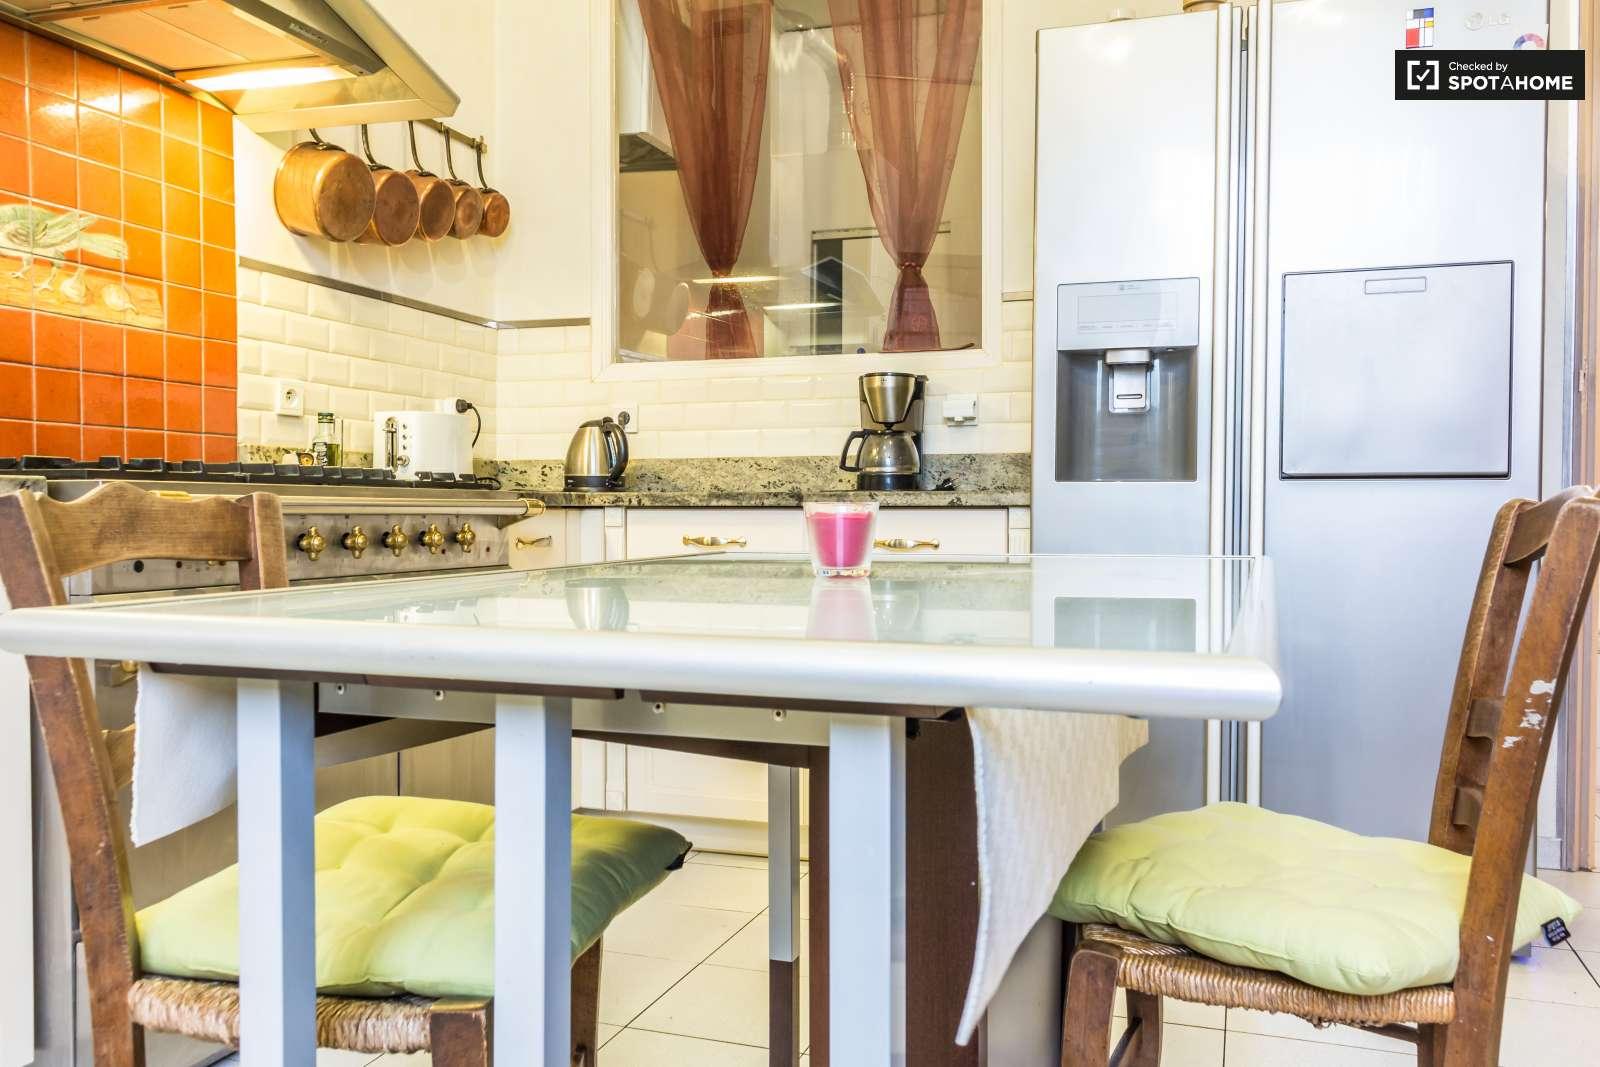 Chambre confortable dans un appartement dans le 7e for Extra cuisine lyon